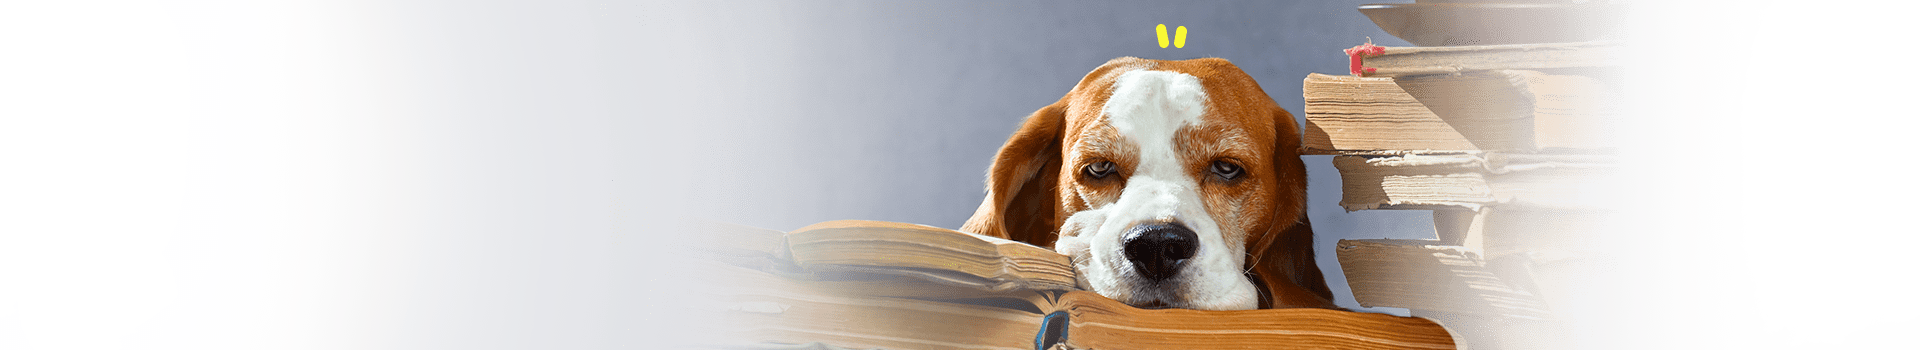 perro cachorrito aburrido en clases